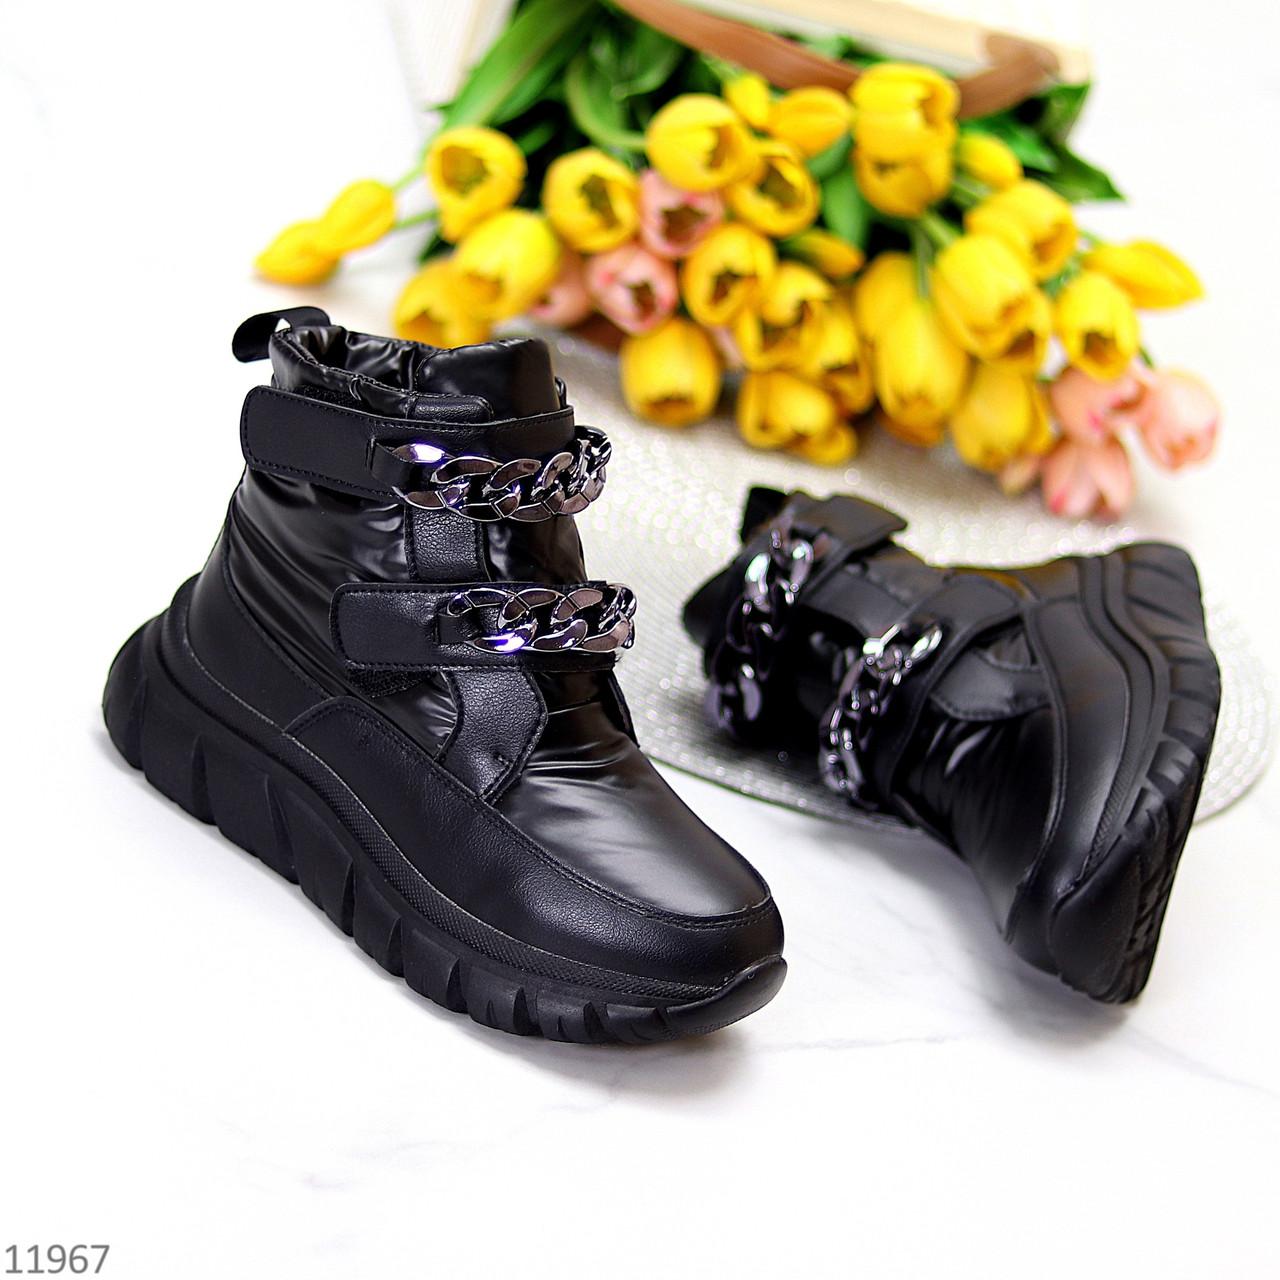 Круті чорні спортивні зимові жіночі черевики дутики на липучках декор ланцюг